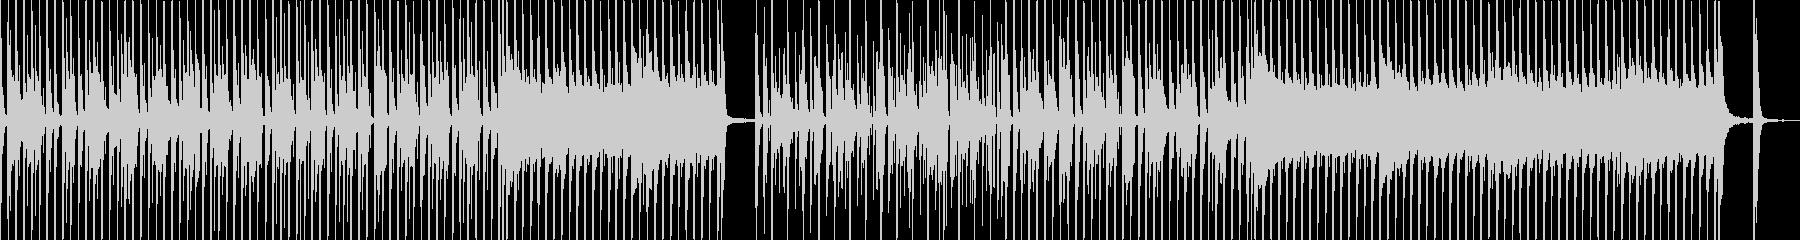 シンプルでリズミカルなベース&ドラムの未再生の波形